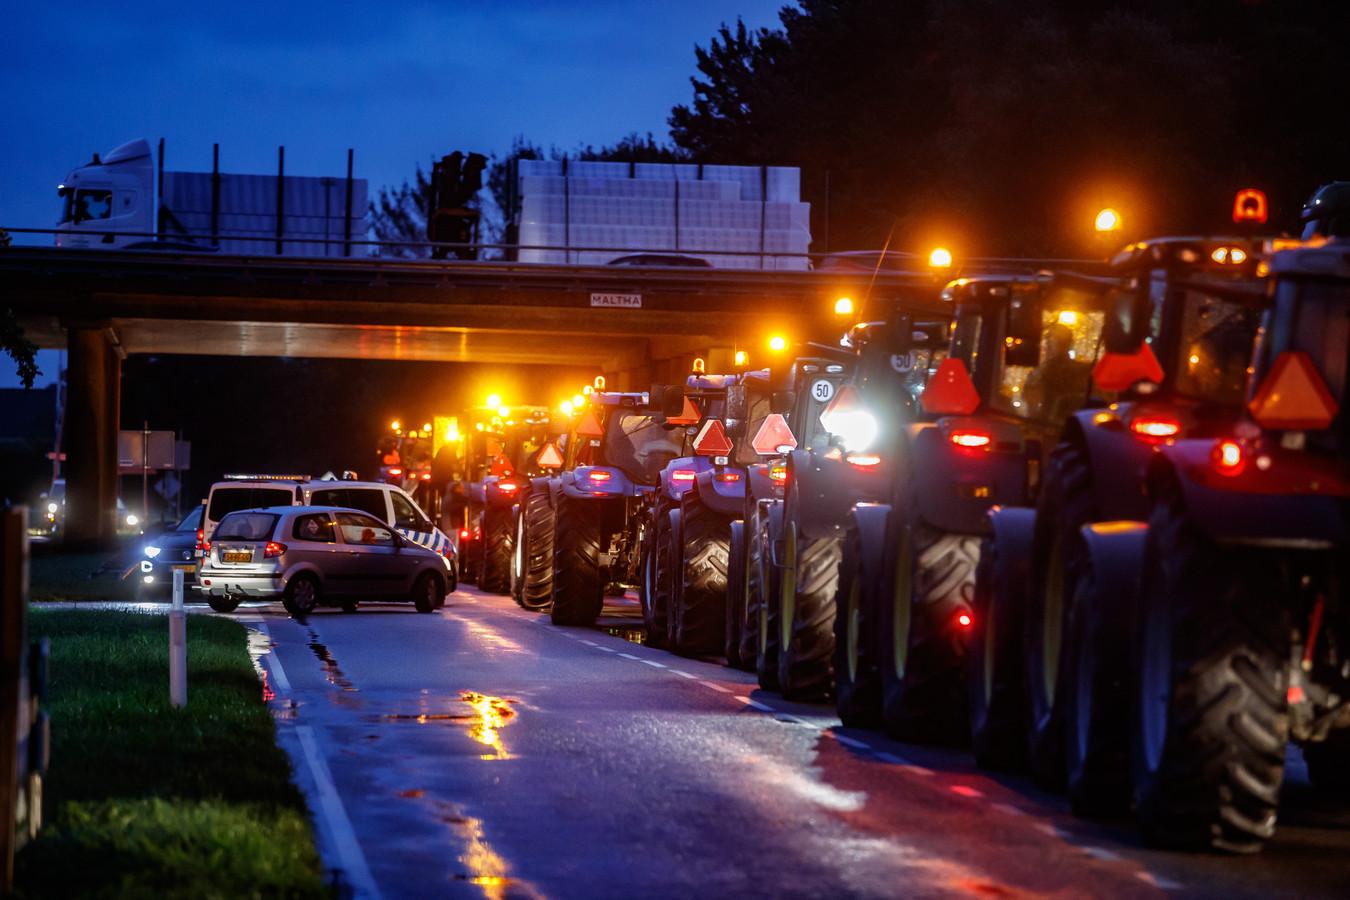 Boeren protesteren vandaag massaal in het hele land, dus ook in West-Brabant. Ze trekken massaal per trekker naar Den Haag, en leggen de hele ochtendspits lam en veroorzaken de drukste ochtendspits ooit.